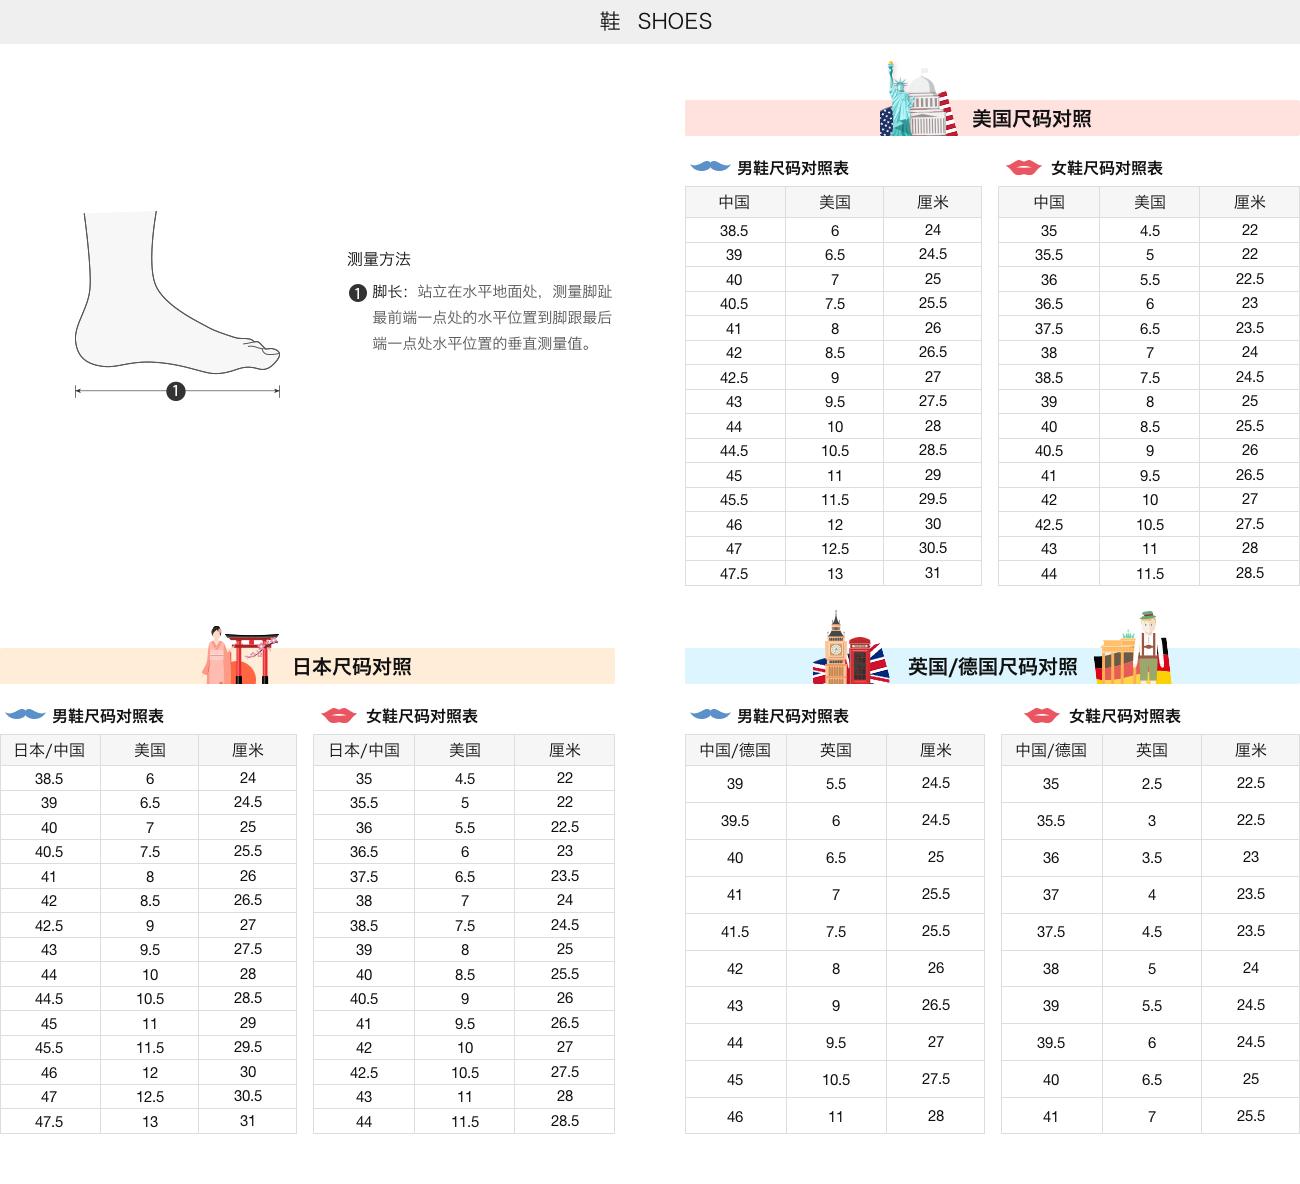 海外购鞋靴尺码表